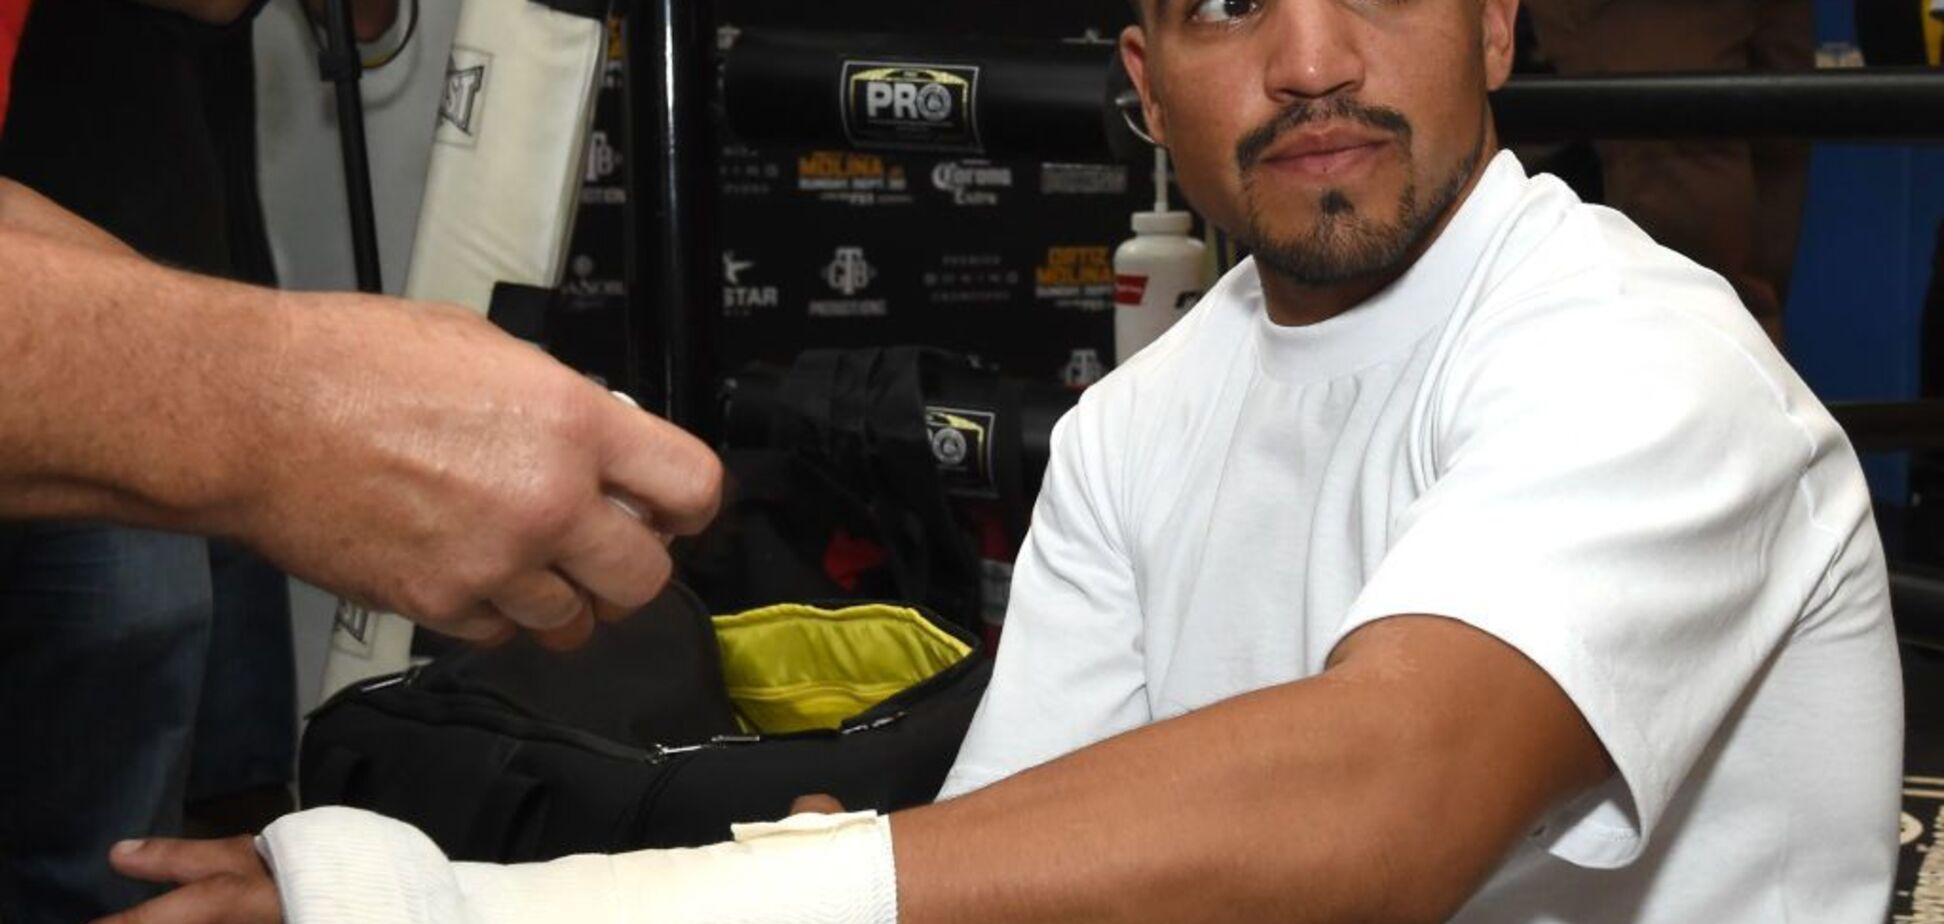 Экс-чемпион мира по боксу угодил в громкий секс-скандал накануне боя